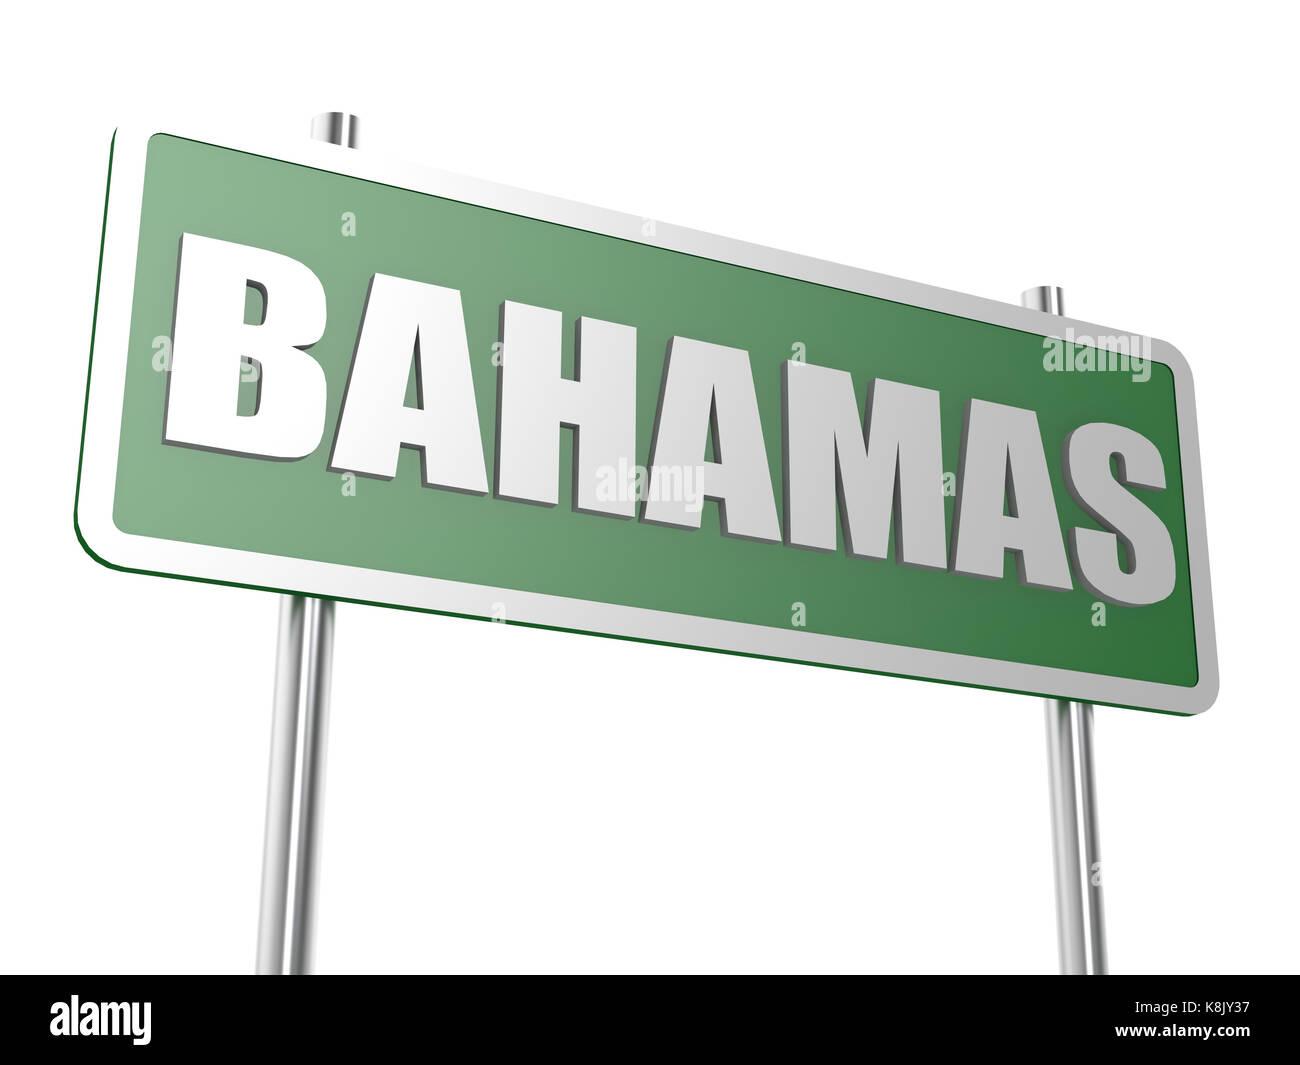 Bahamas road sign - Stock Image